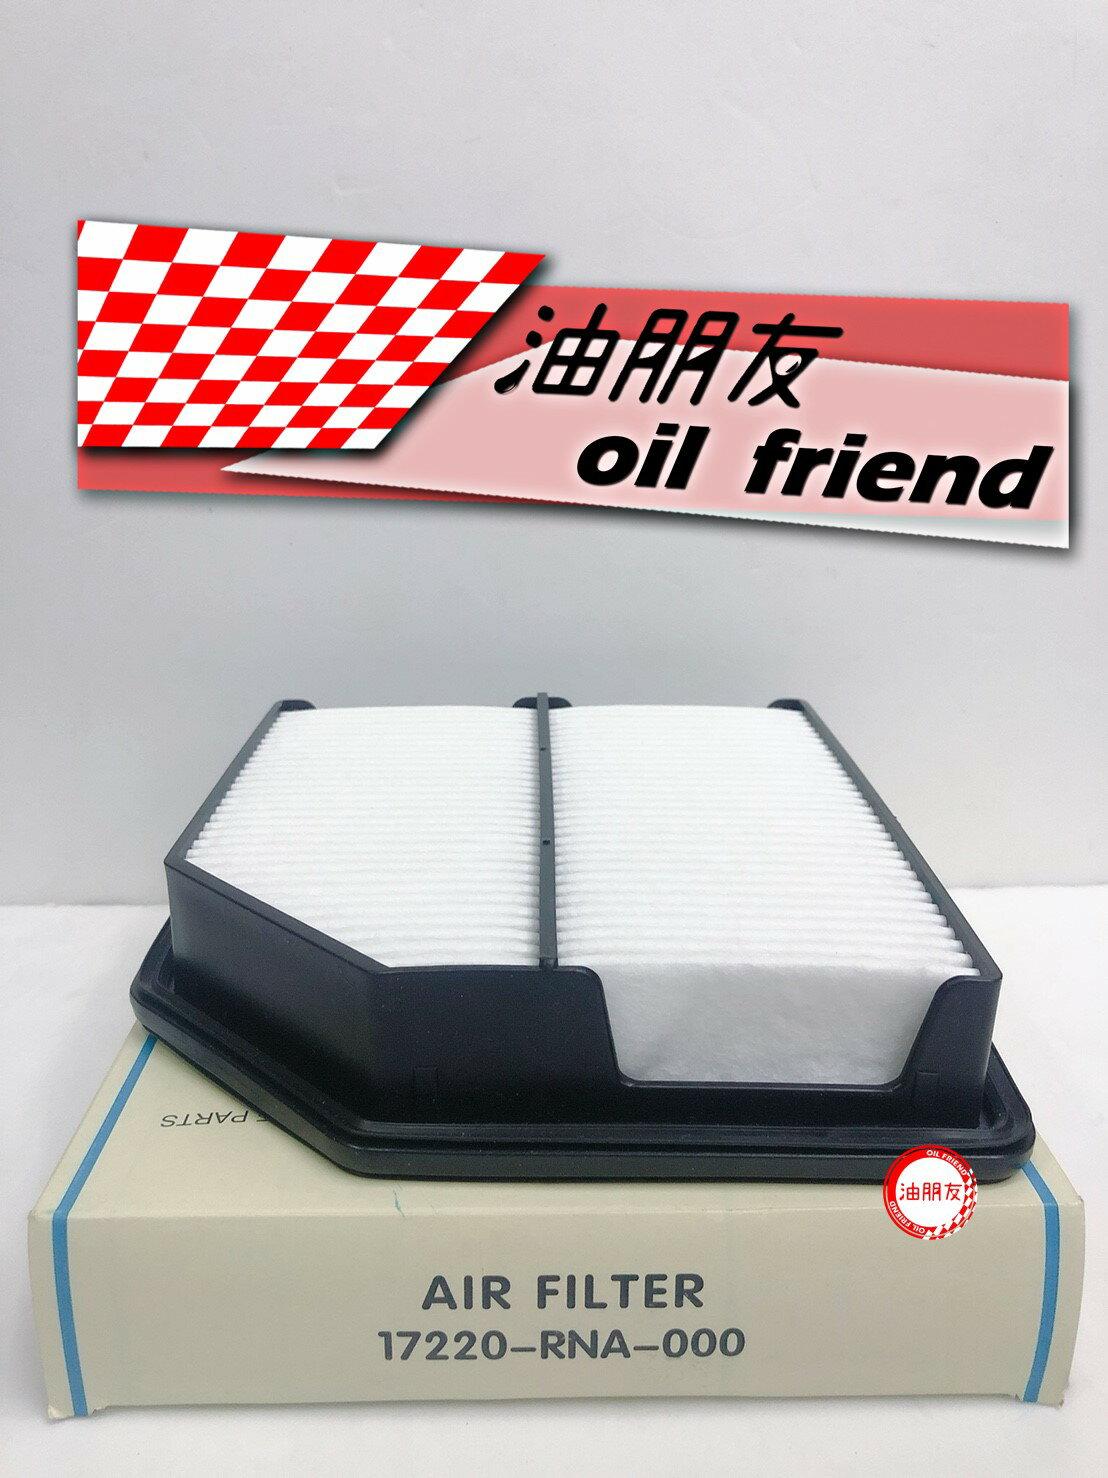 -油朋友- 空氣芯 本田 civic 8 k12 空氣濾網 honda civic8 1.8 k12